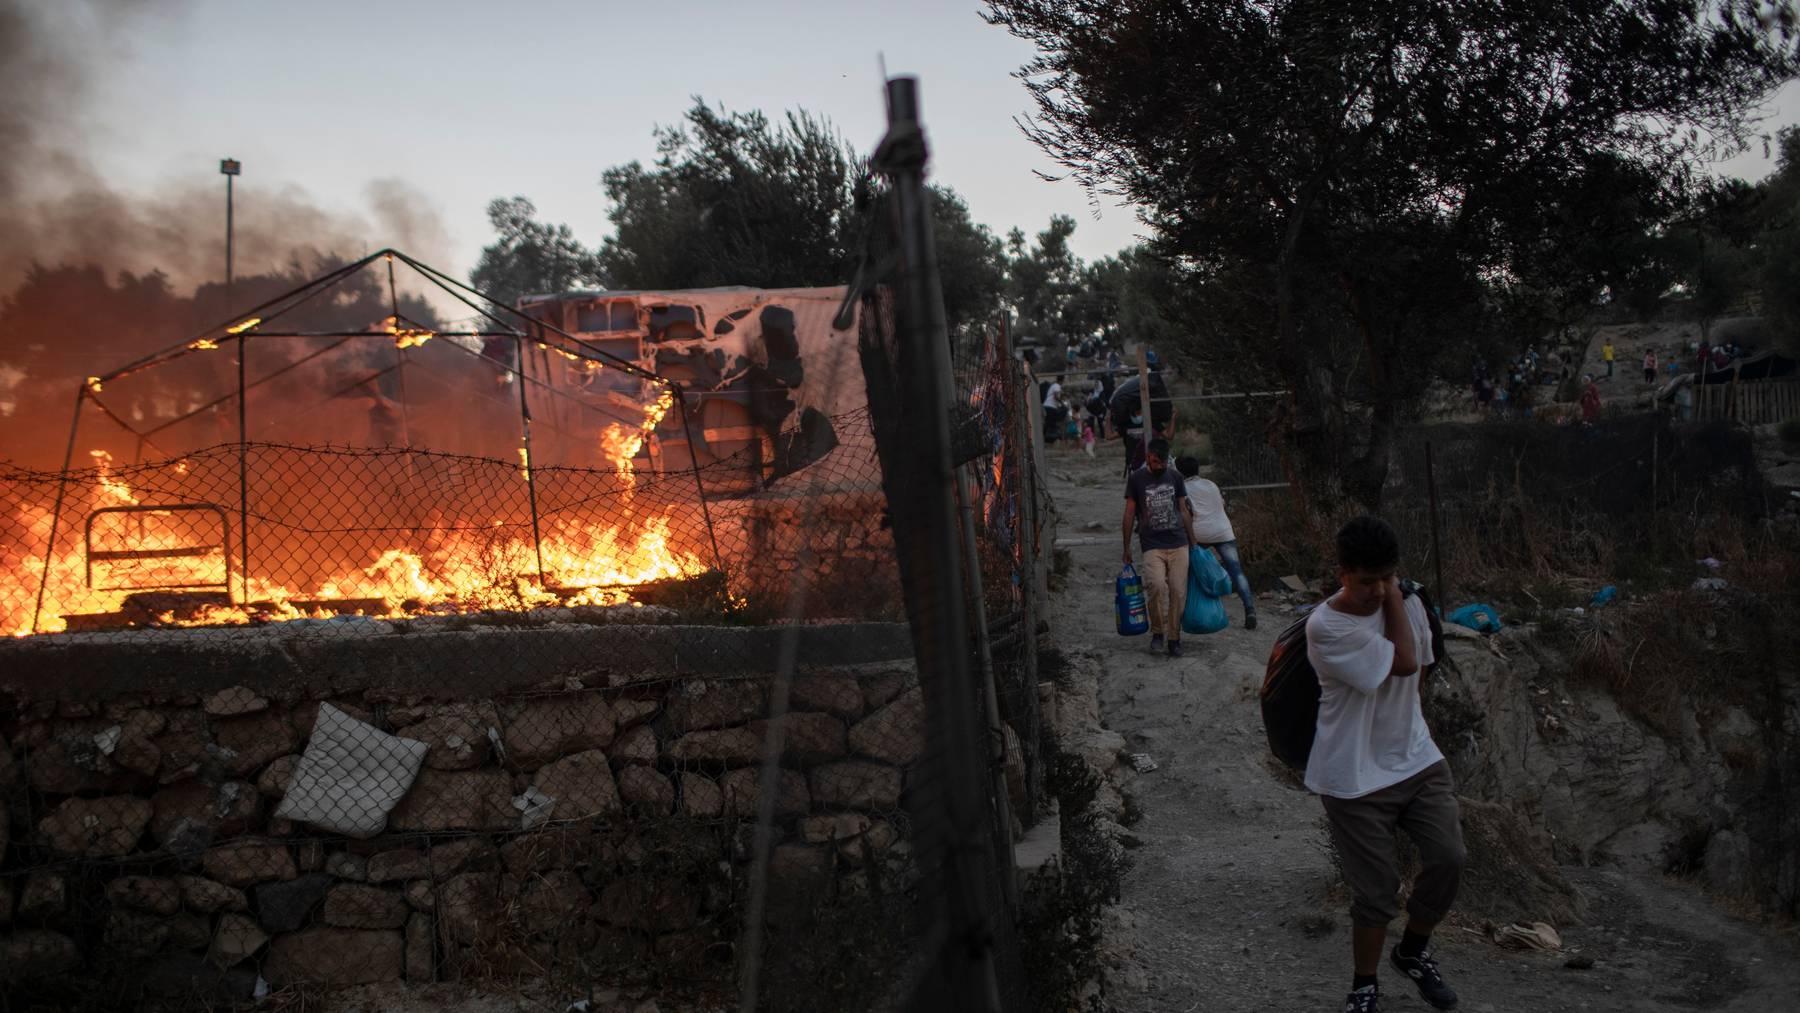 Brände haben in der Nacht auf Mittwoch grosse Teile des Flüchtlingslagers Moria auf der griechischen Insel Lesbos zerstört.